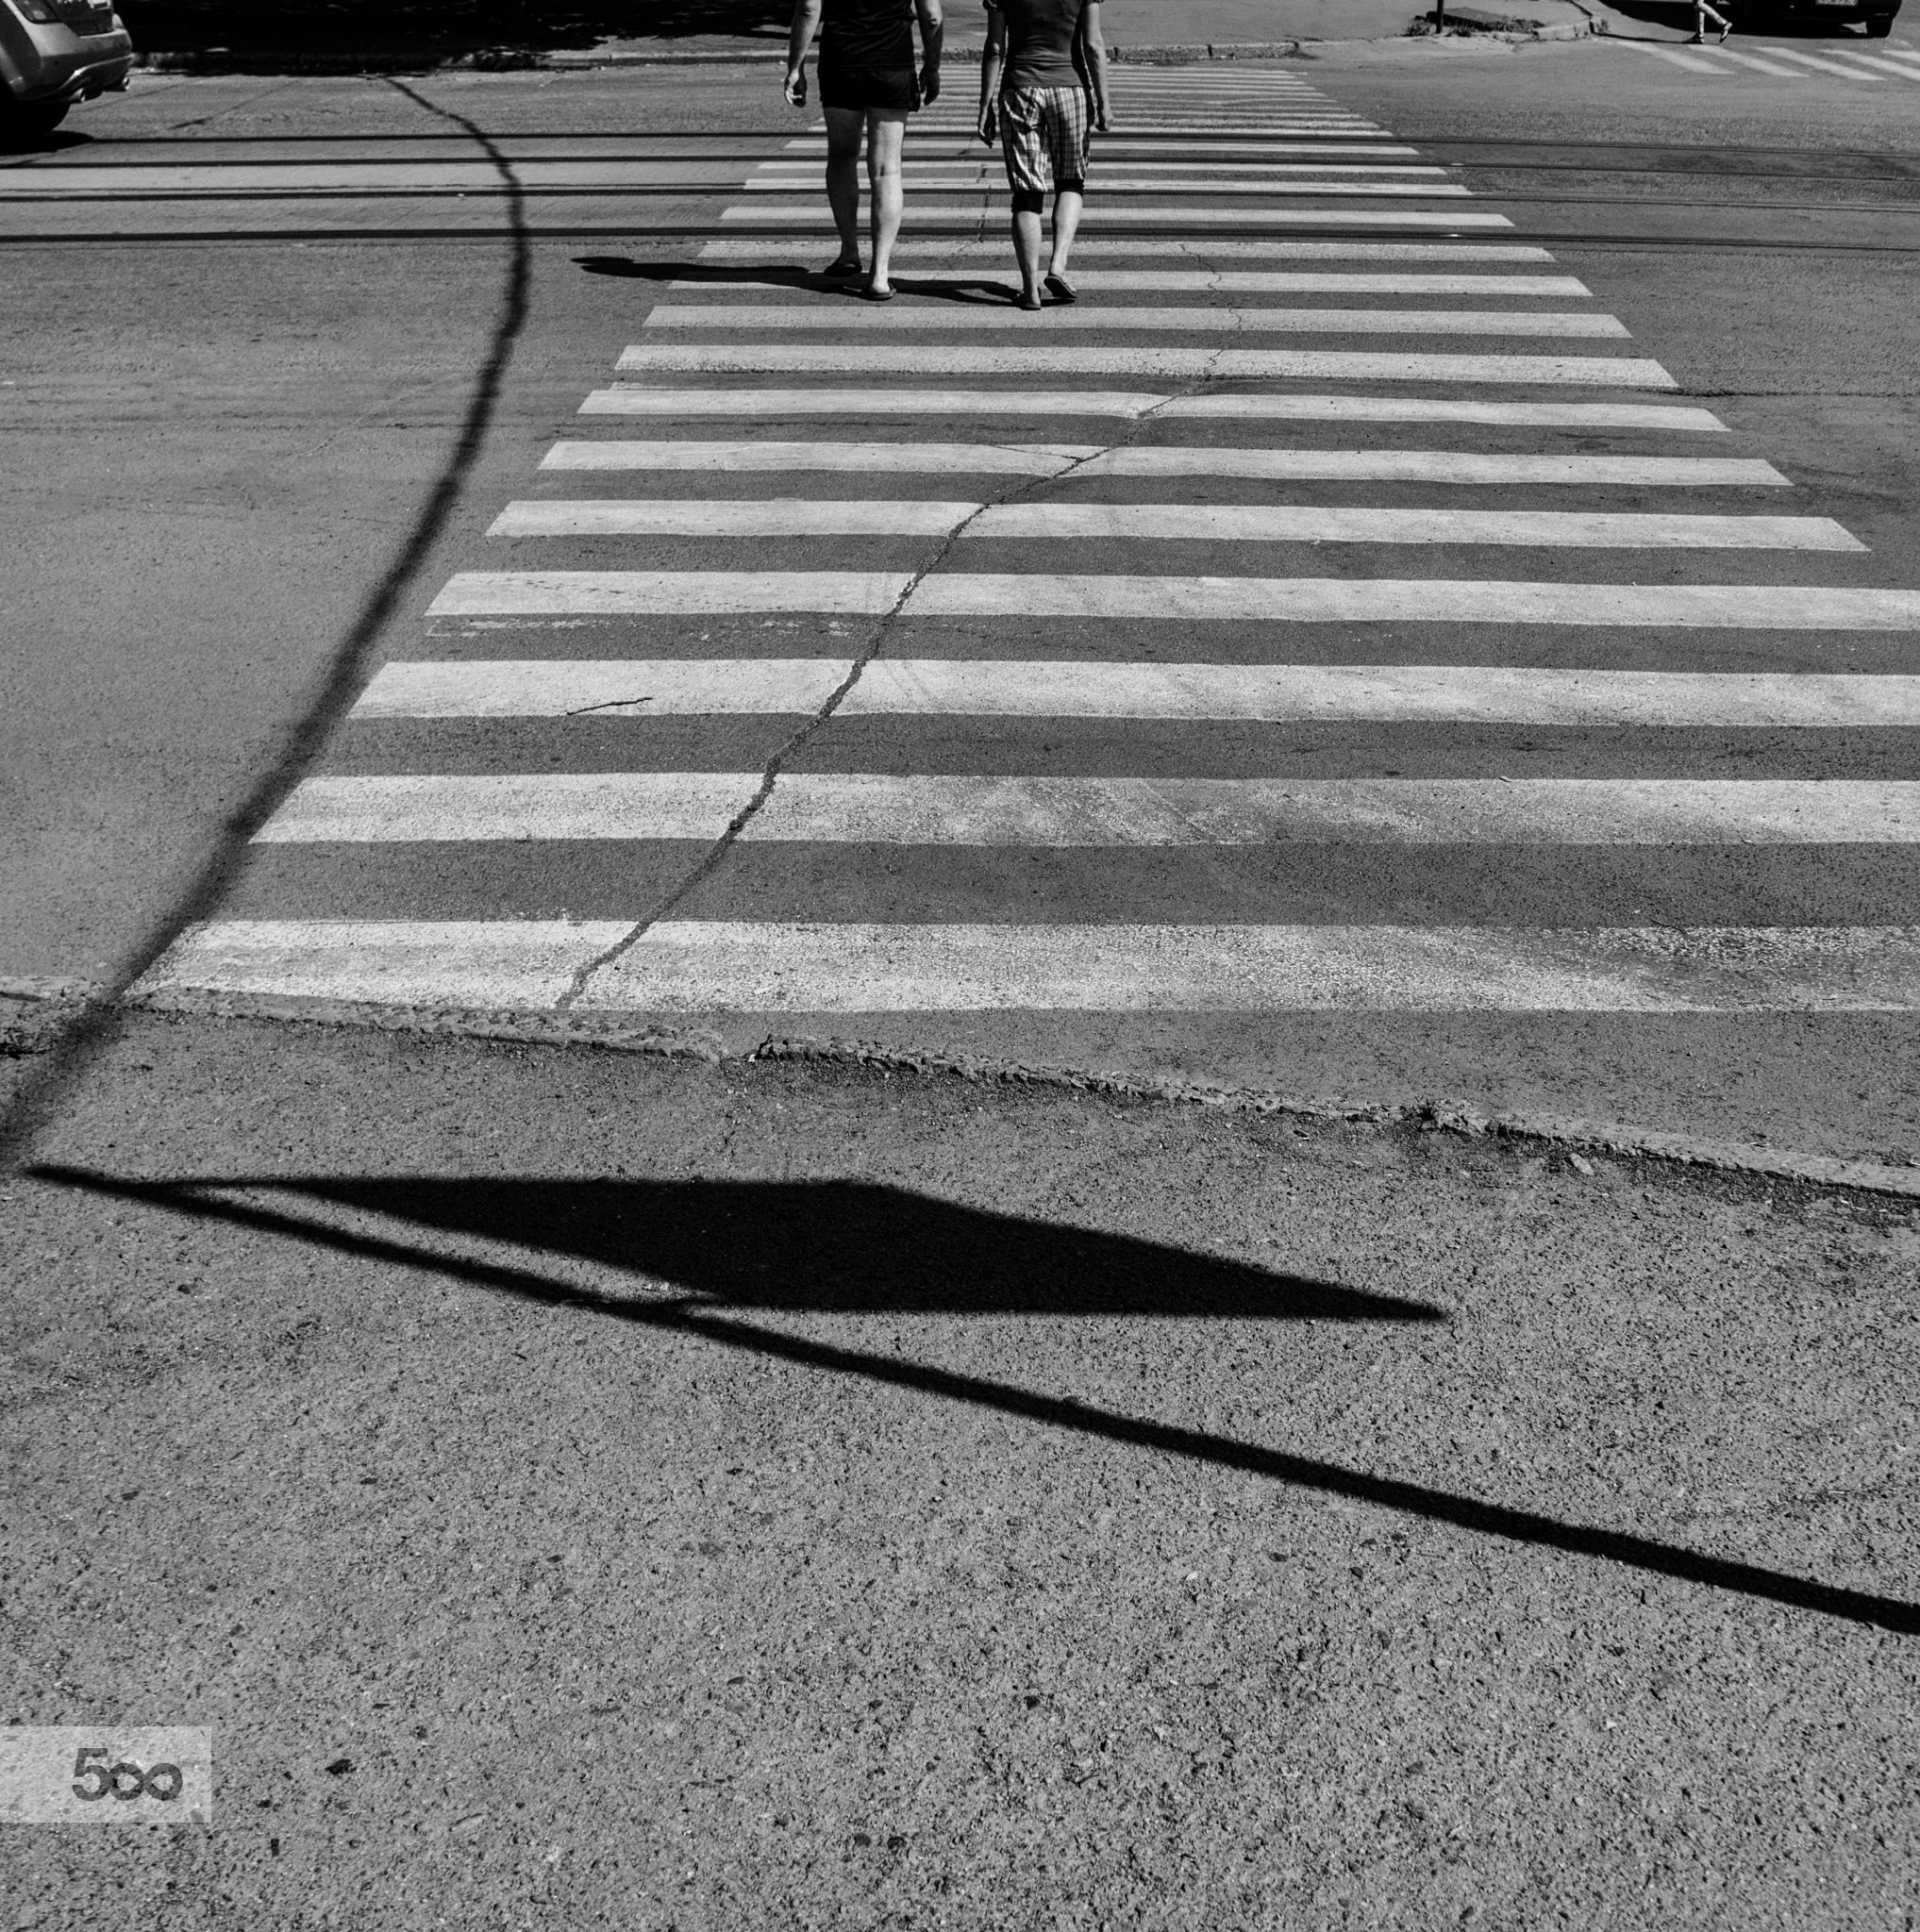 Go. by Andriy Solovyov on 500px